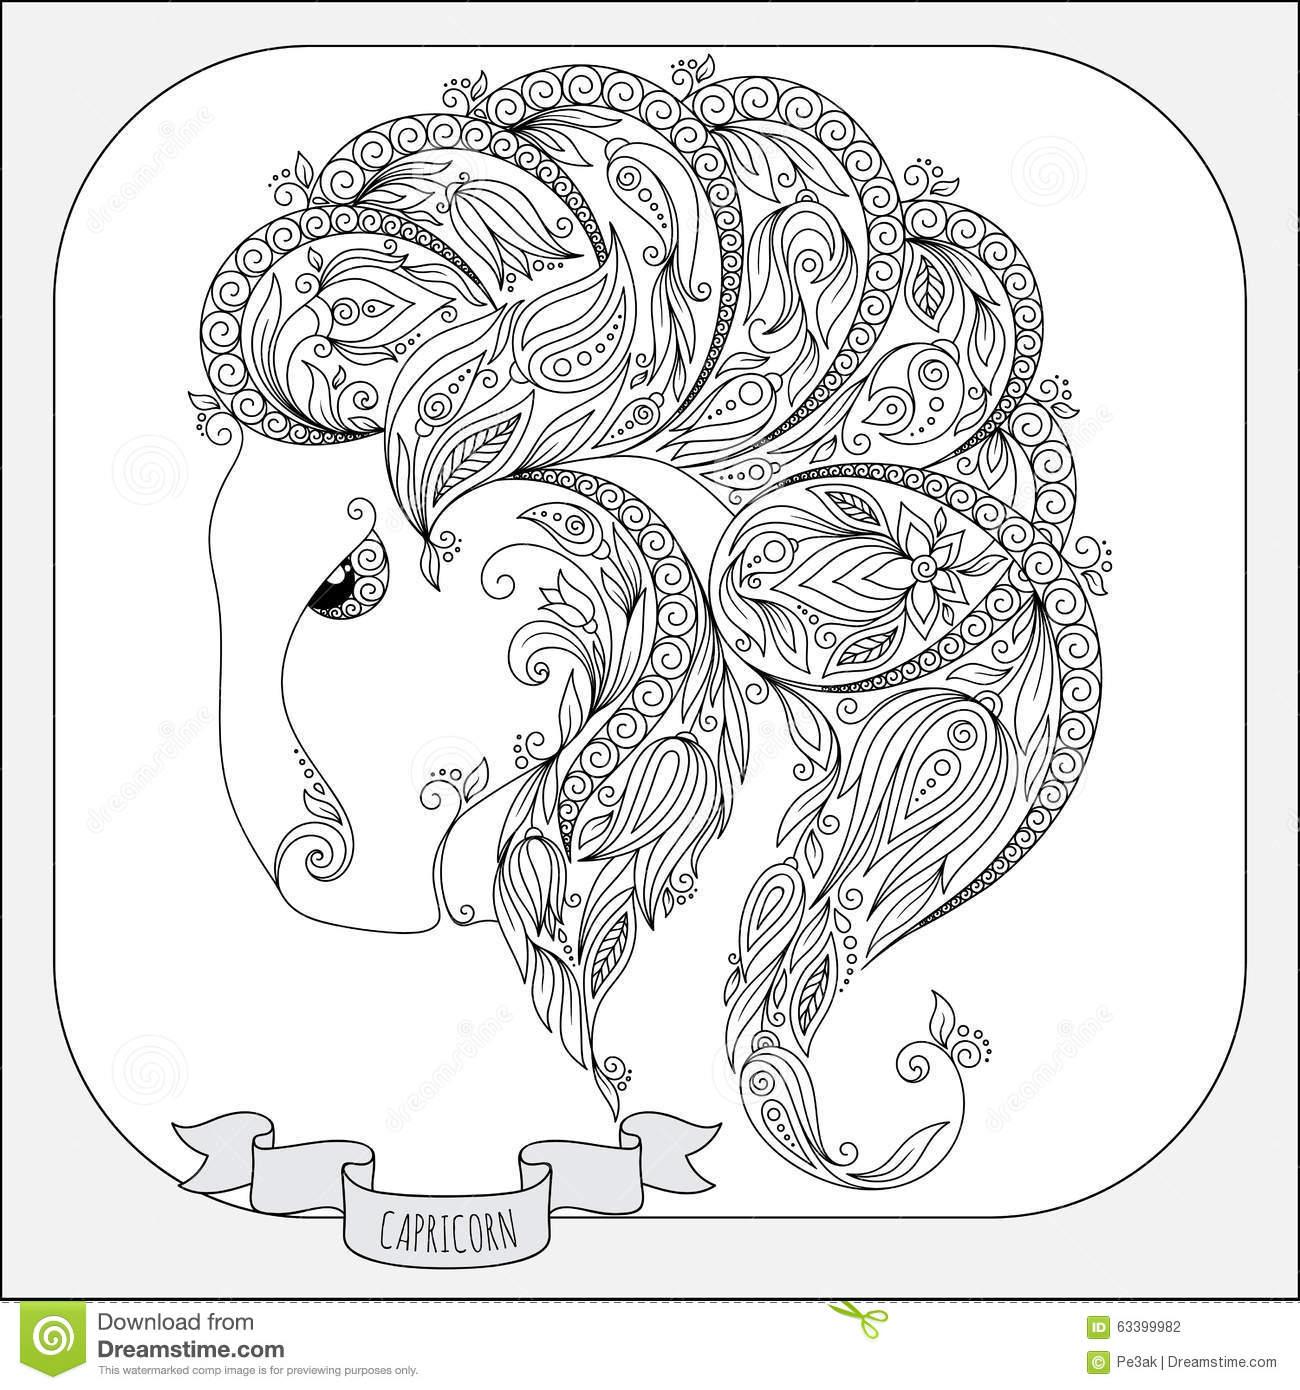 Sagittarius (Astrology) coloring #4, Download drawings